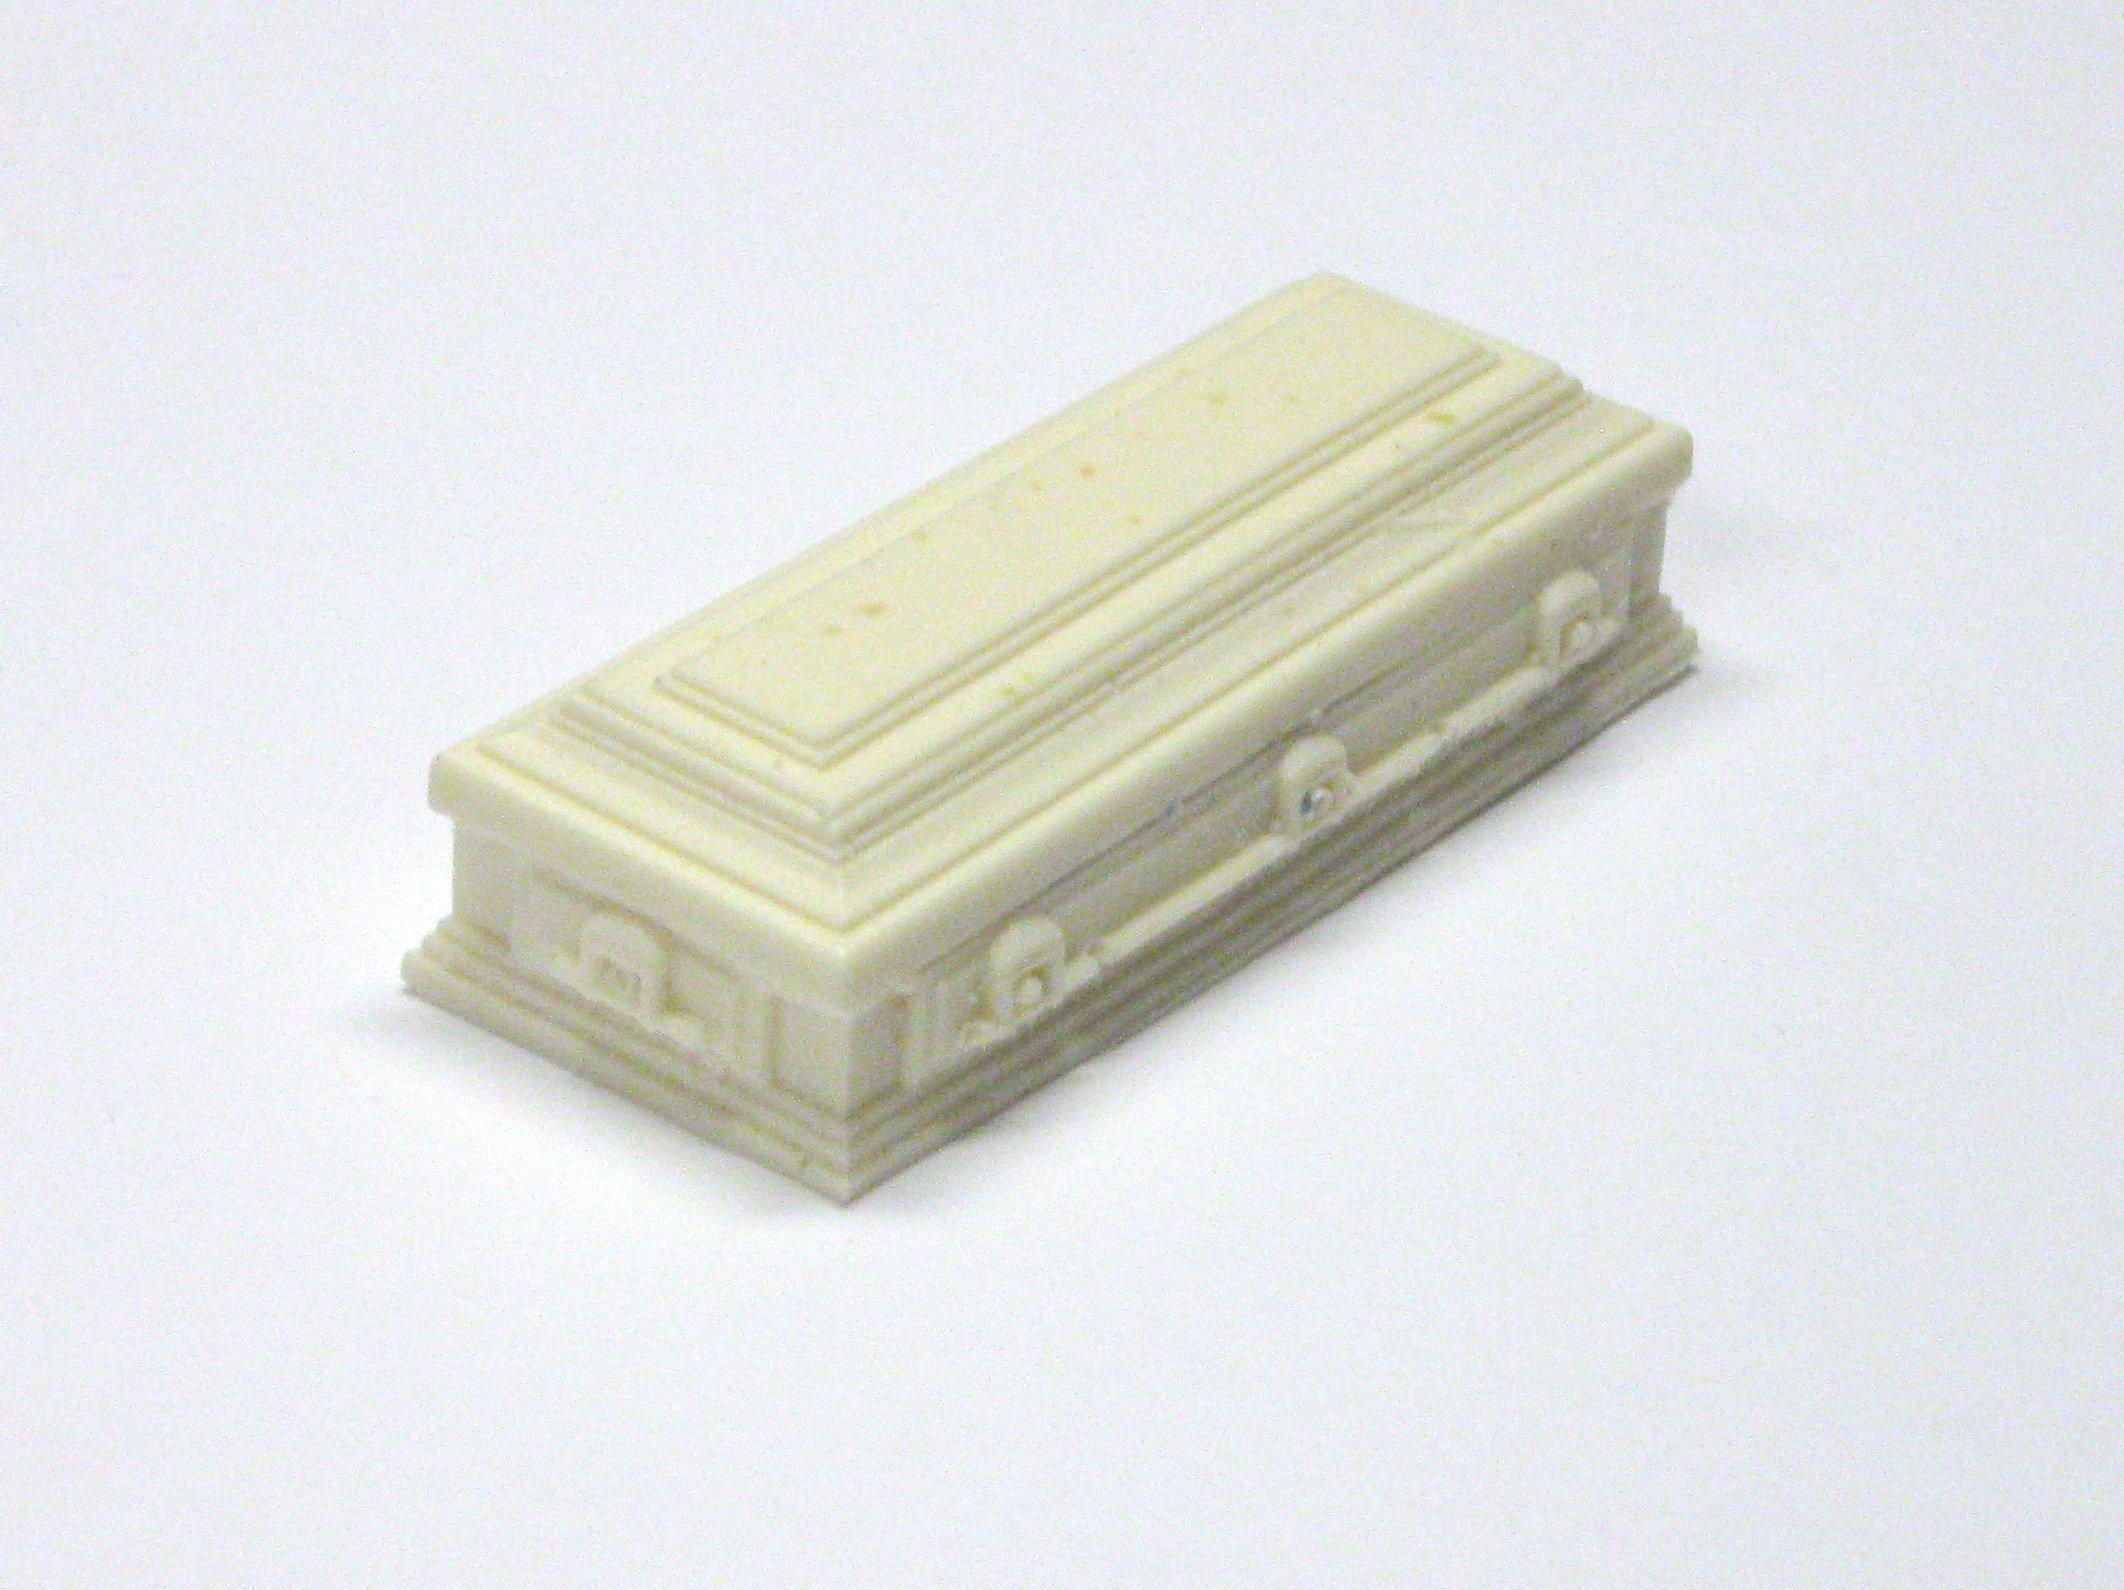 1:32 scale model funeral casket hearse